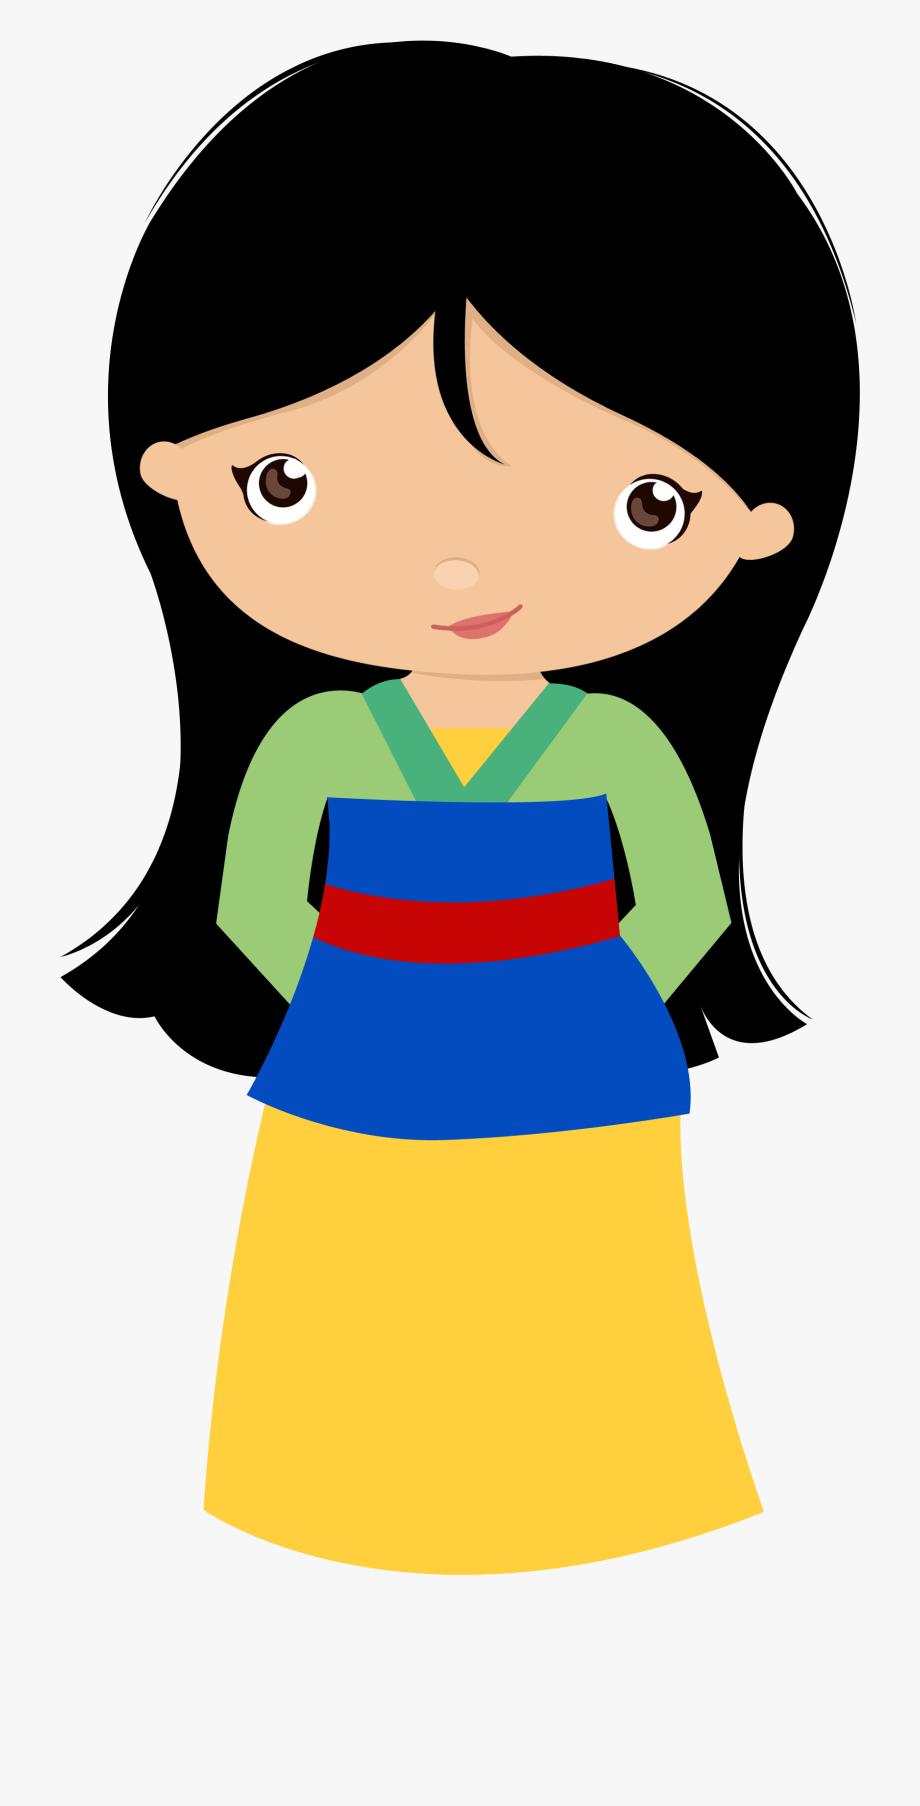 mulan-baby-princesa-disney-png